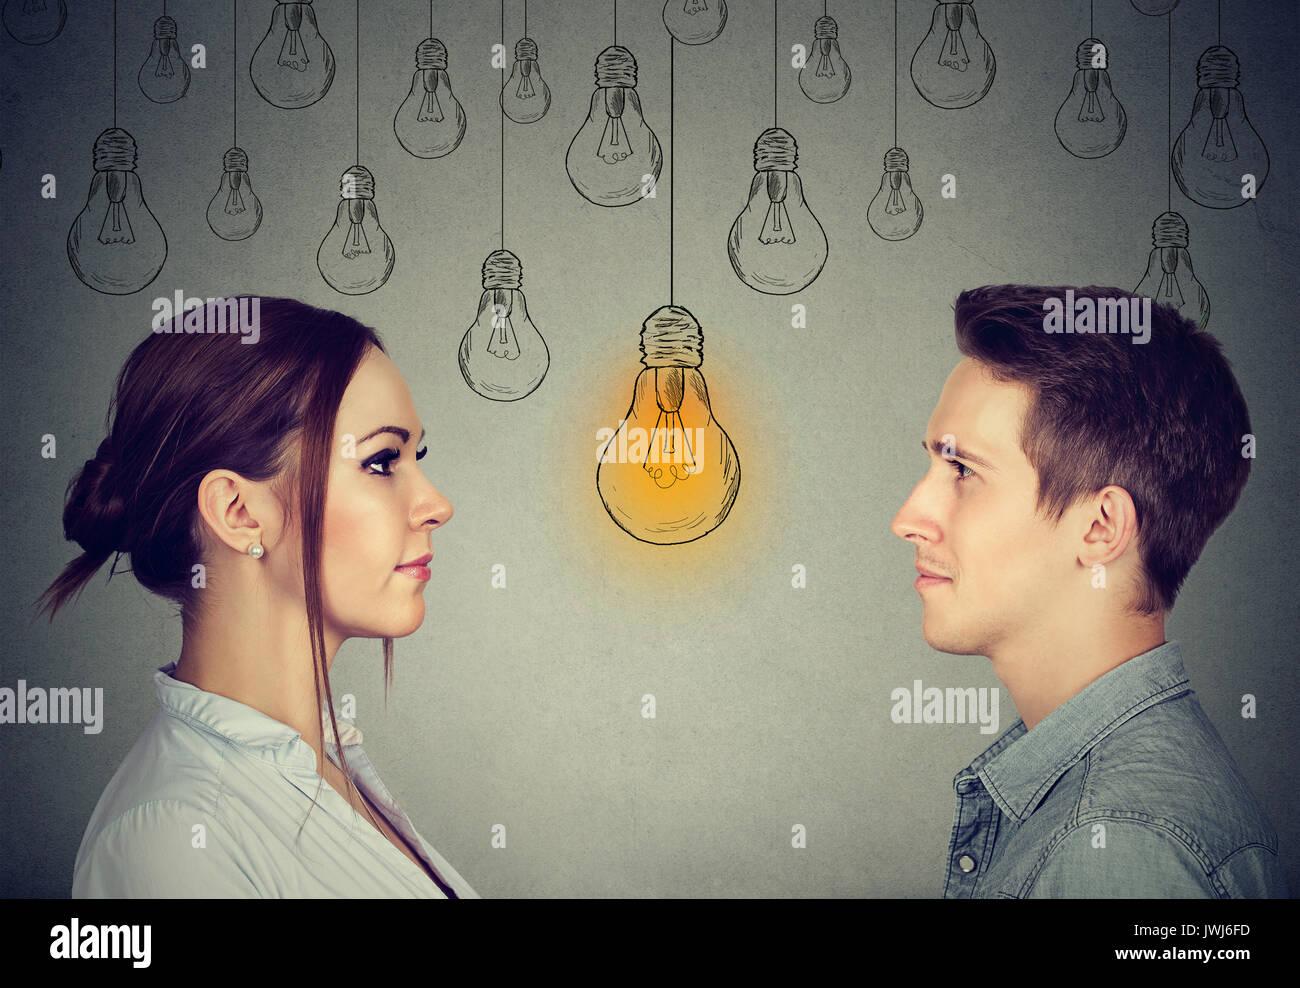 Abilità cognitive capacità concetto, maschio vs femmina. Uomo e donna che guarda la luce brillante lampadina isolato sul muro grigio sfondo Immagini Stock